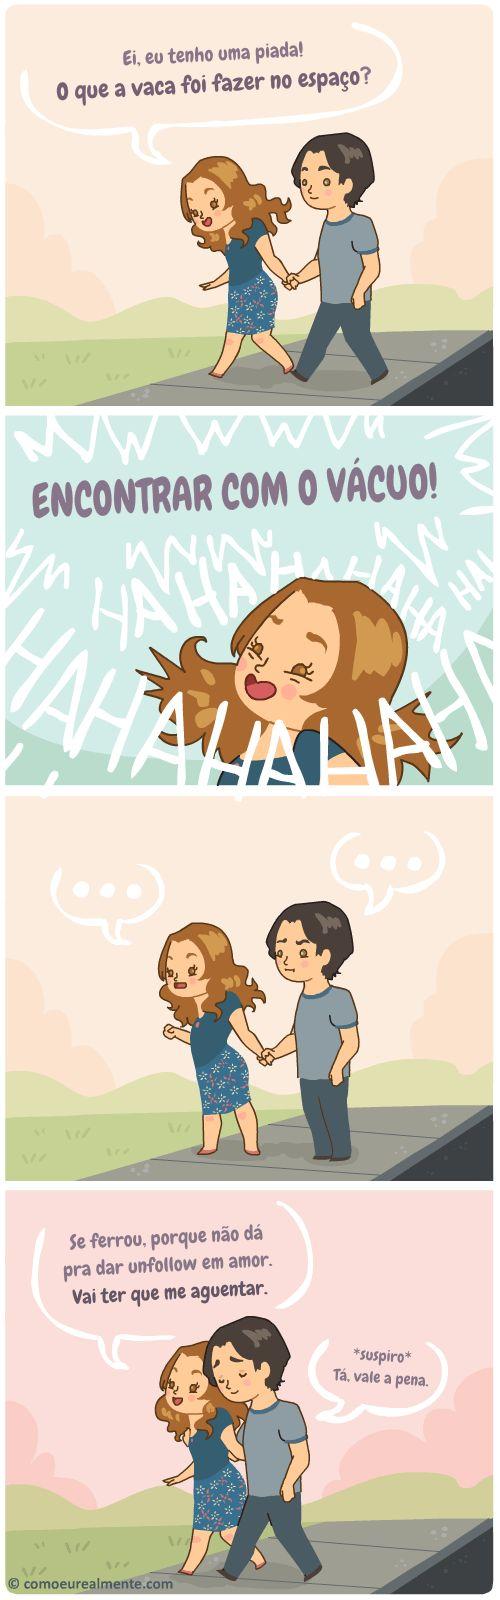 Uma das maiores dificuldades de estar em um relacionamento é você ter que aguentar as piadas ruins da outra pessoa